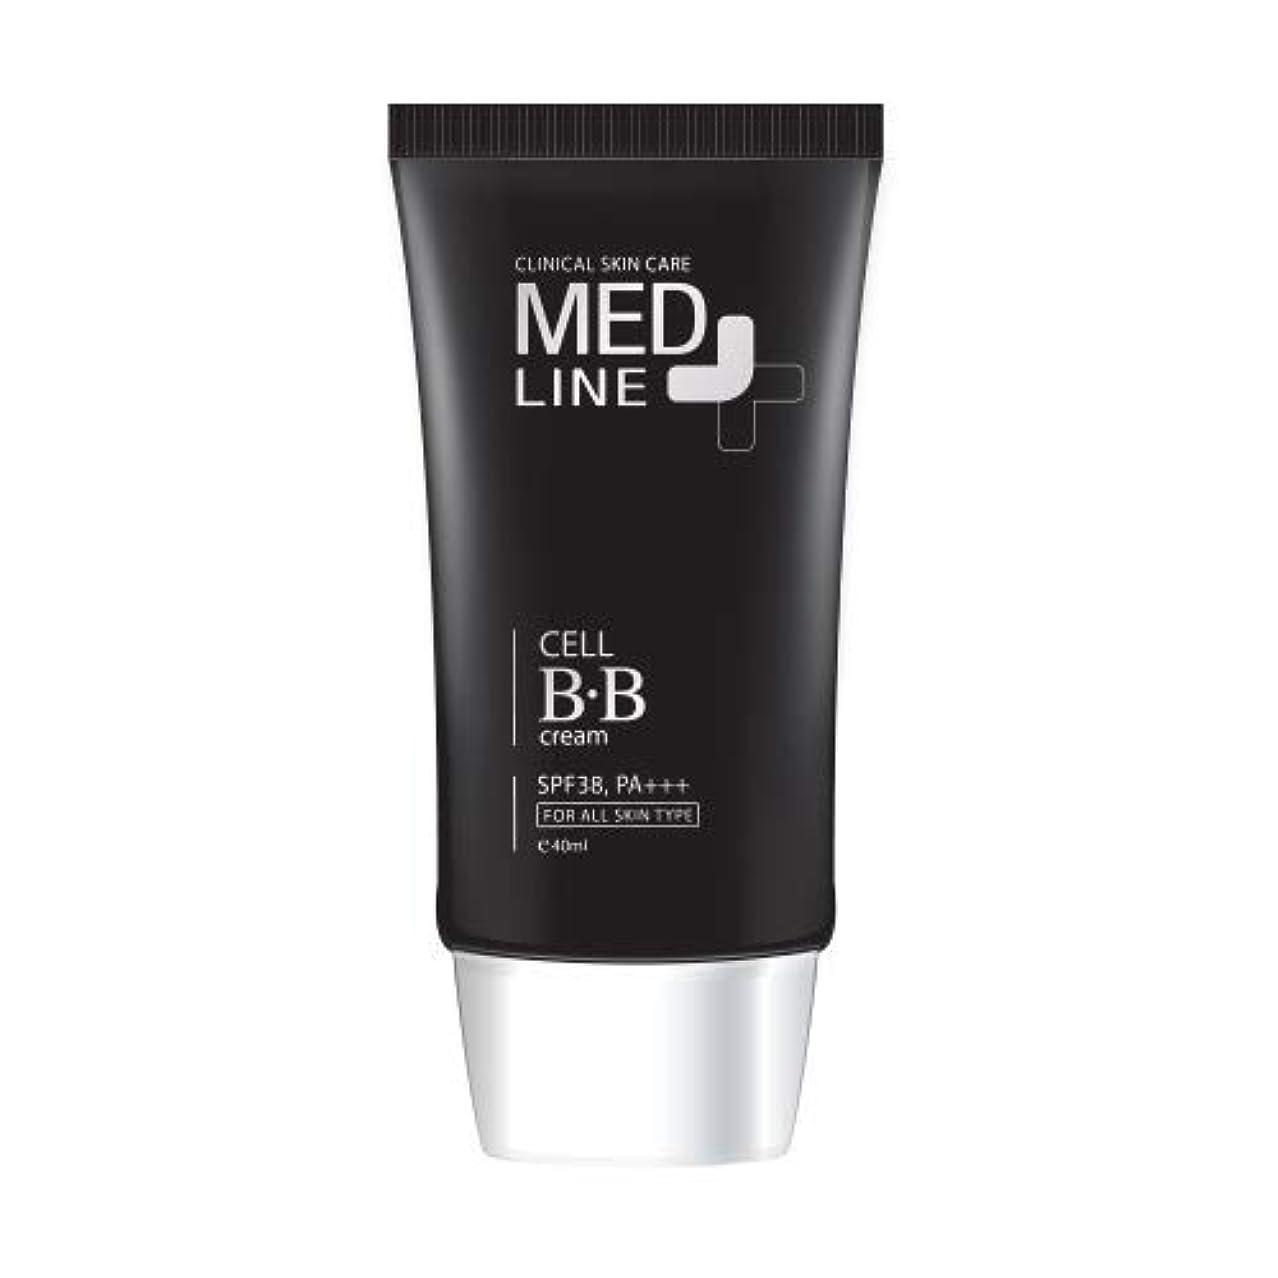 ボス廊下最も遠いメドライン(Med Line) セルBBクリーム(Cell B.B Cream)